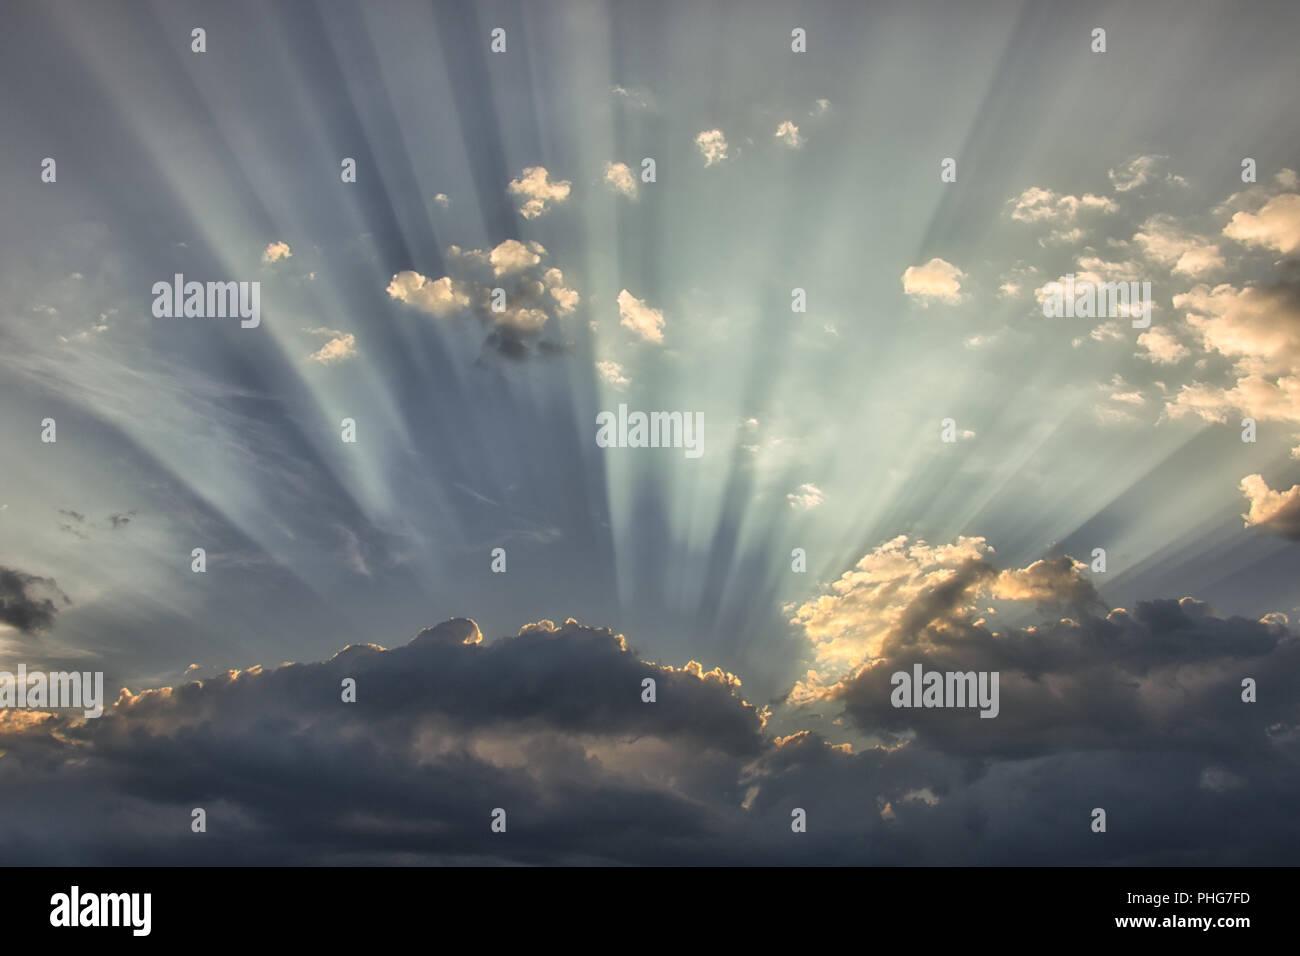 Les rayons du soleil pour faire une scène d'inspiration Photo Stock